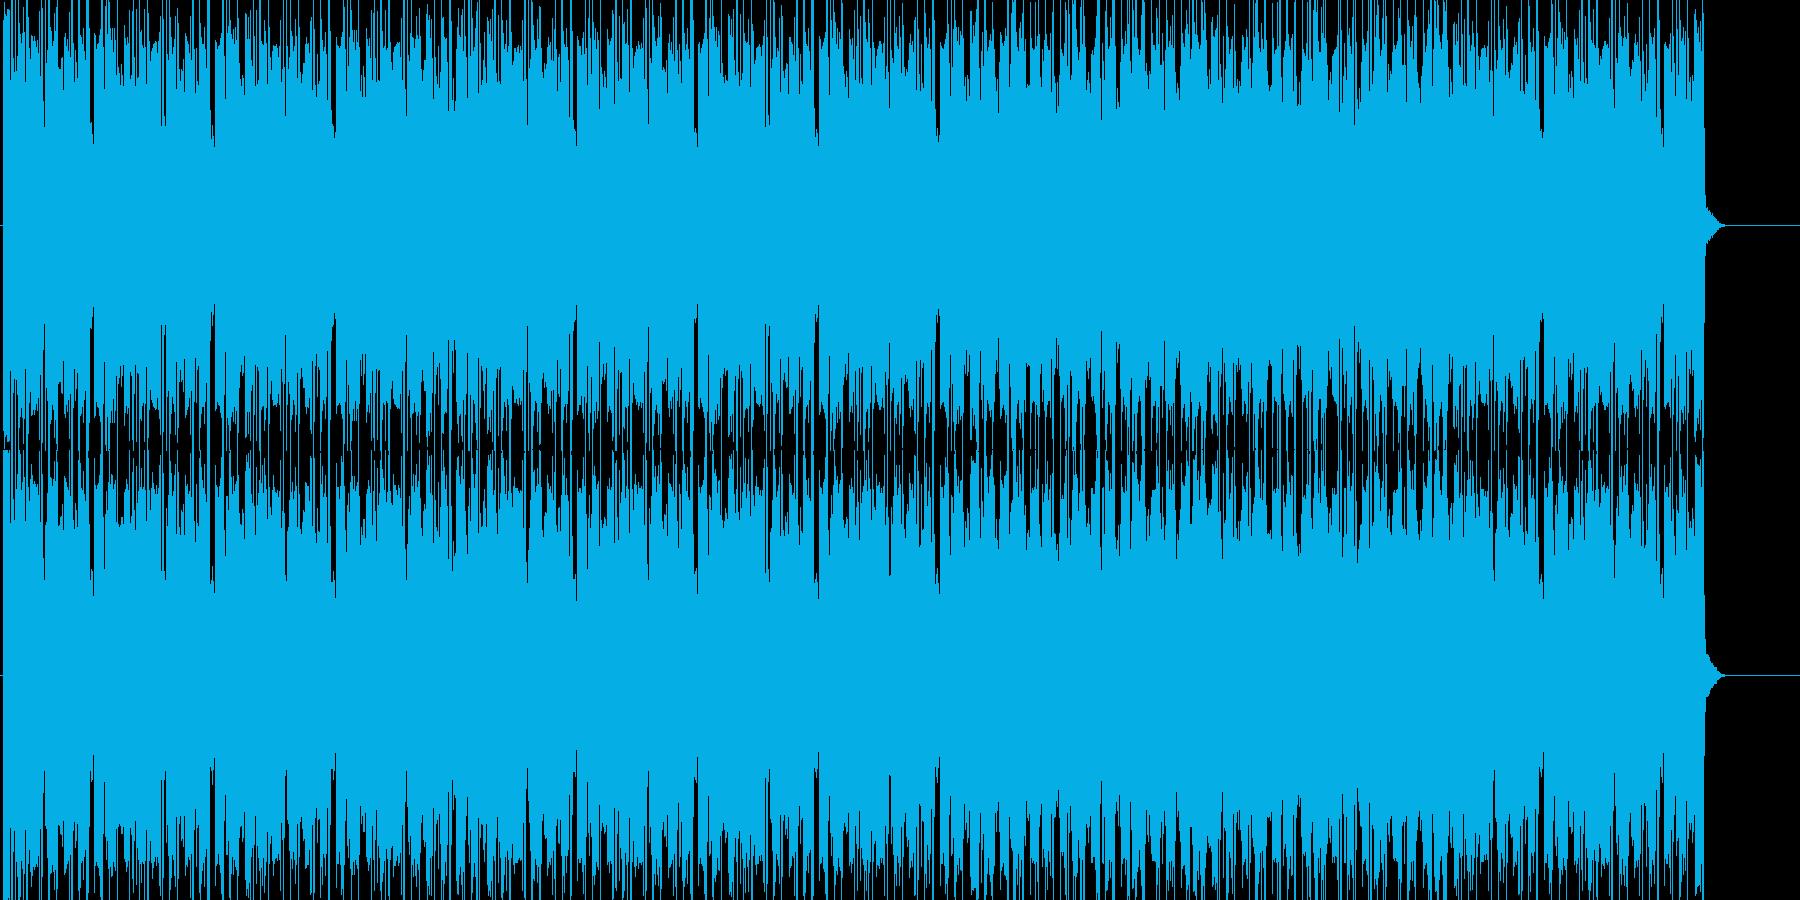 ワクワクするテクノの再生済みの波形